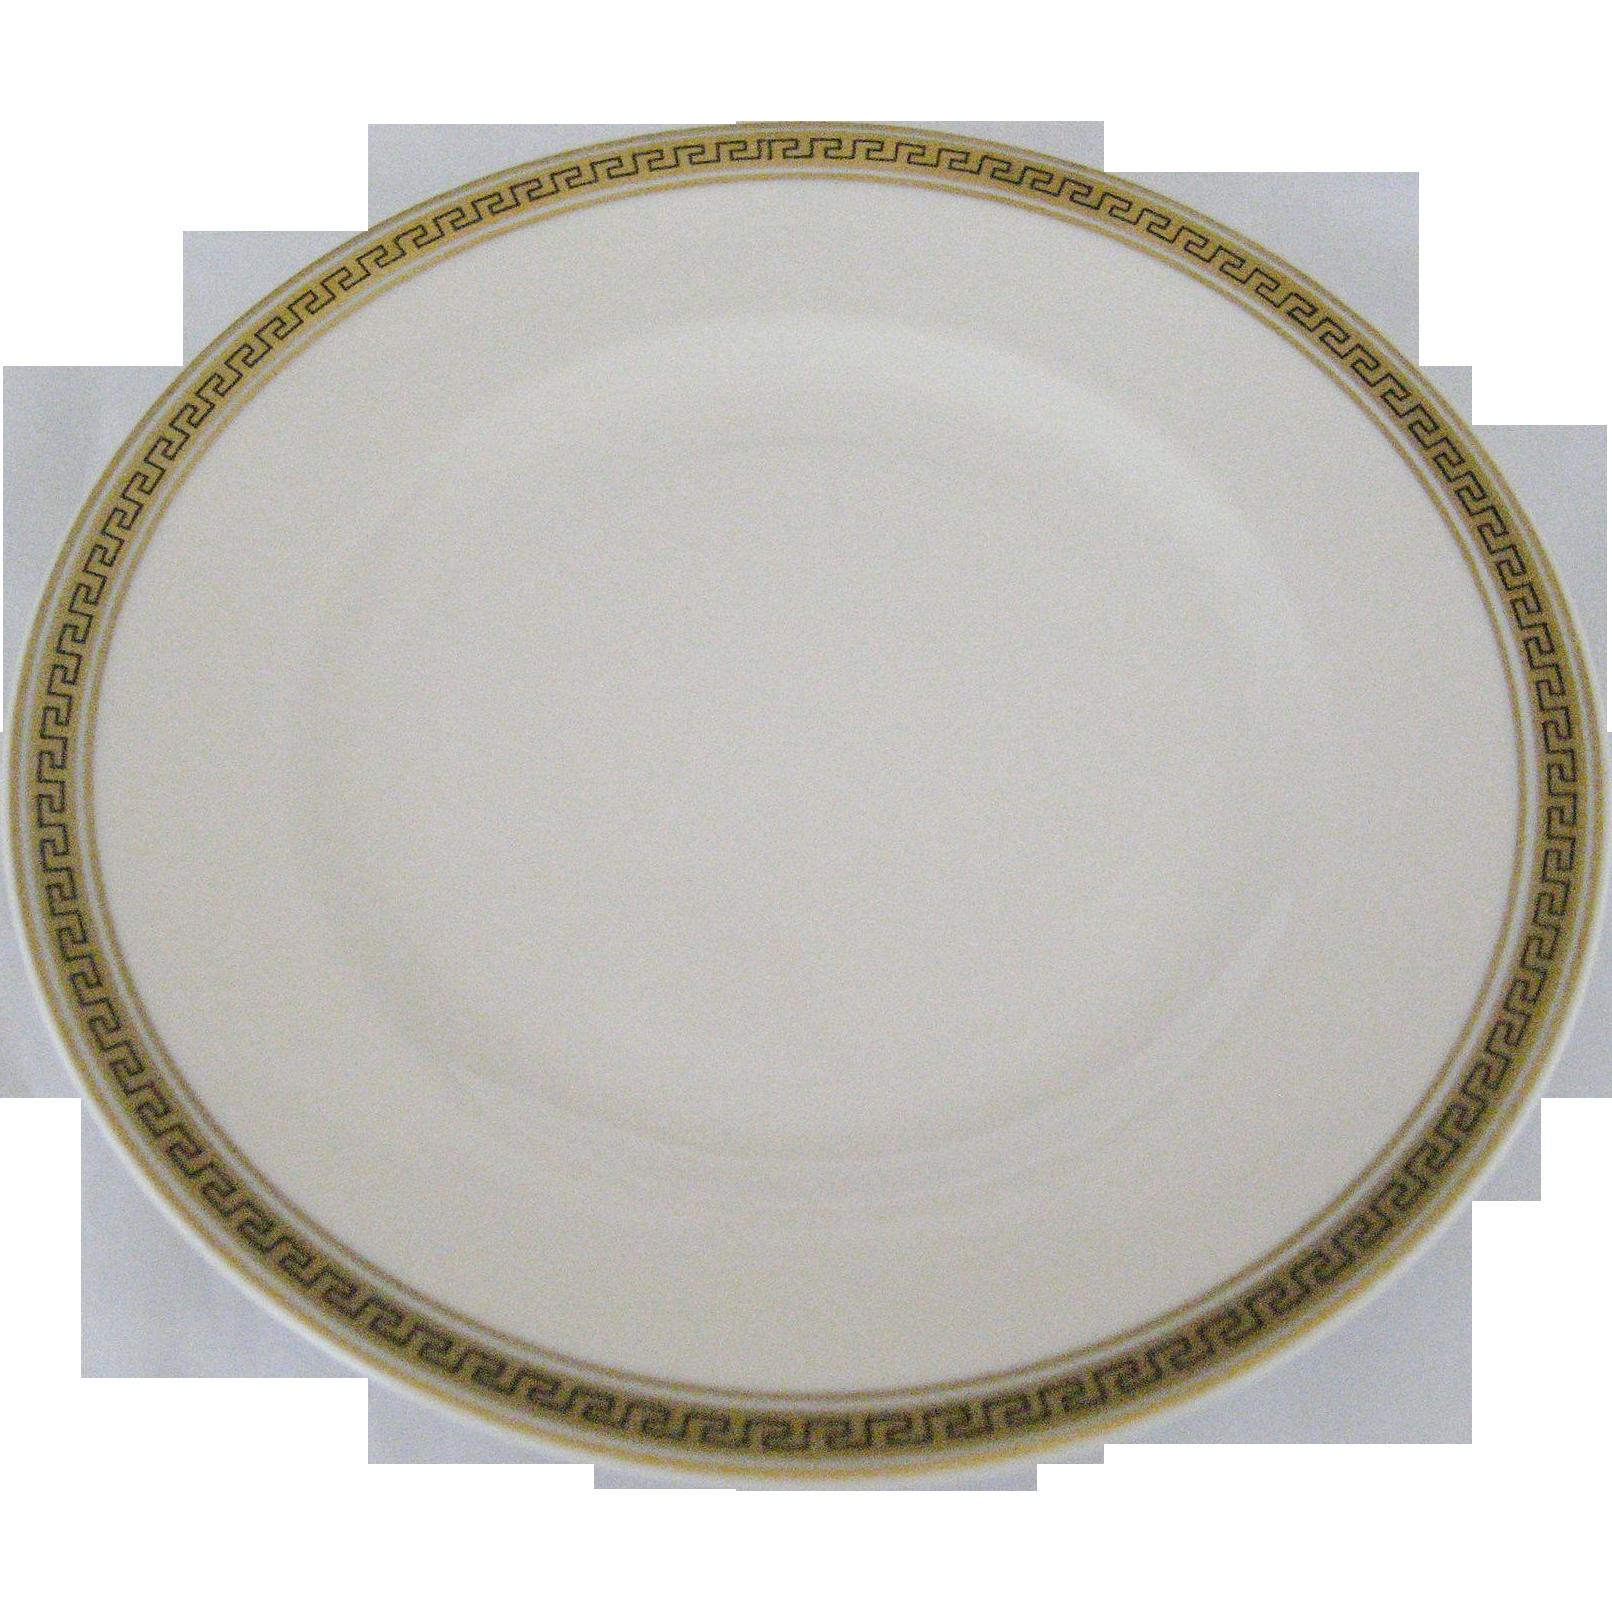 Syracuse Greek Key Salad Plates - 4 Available